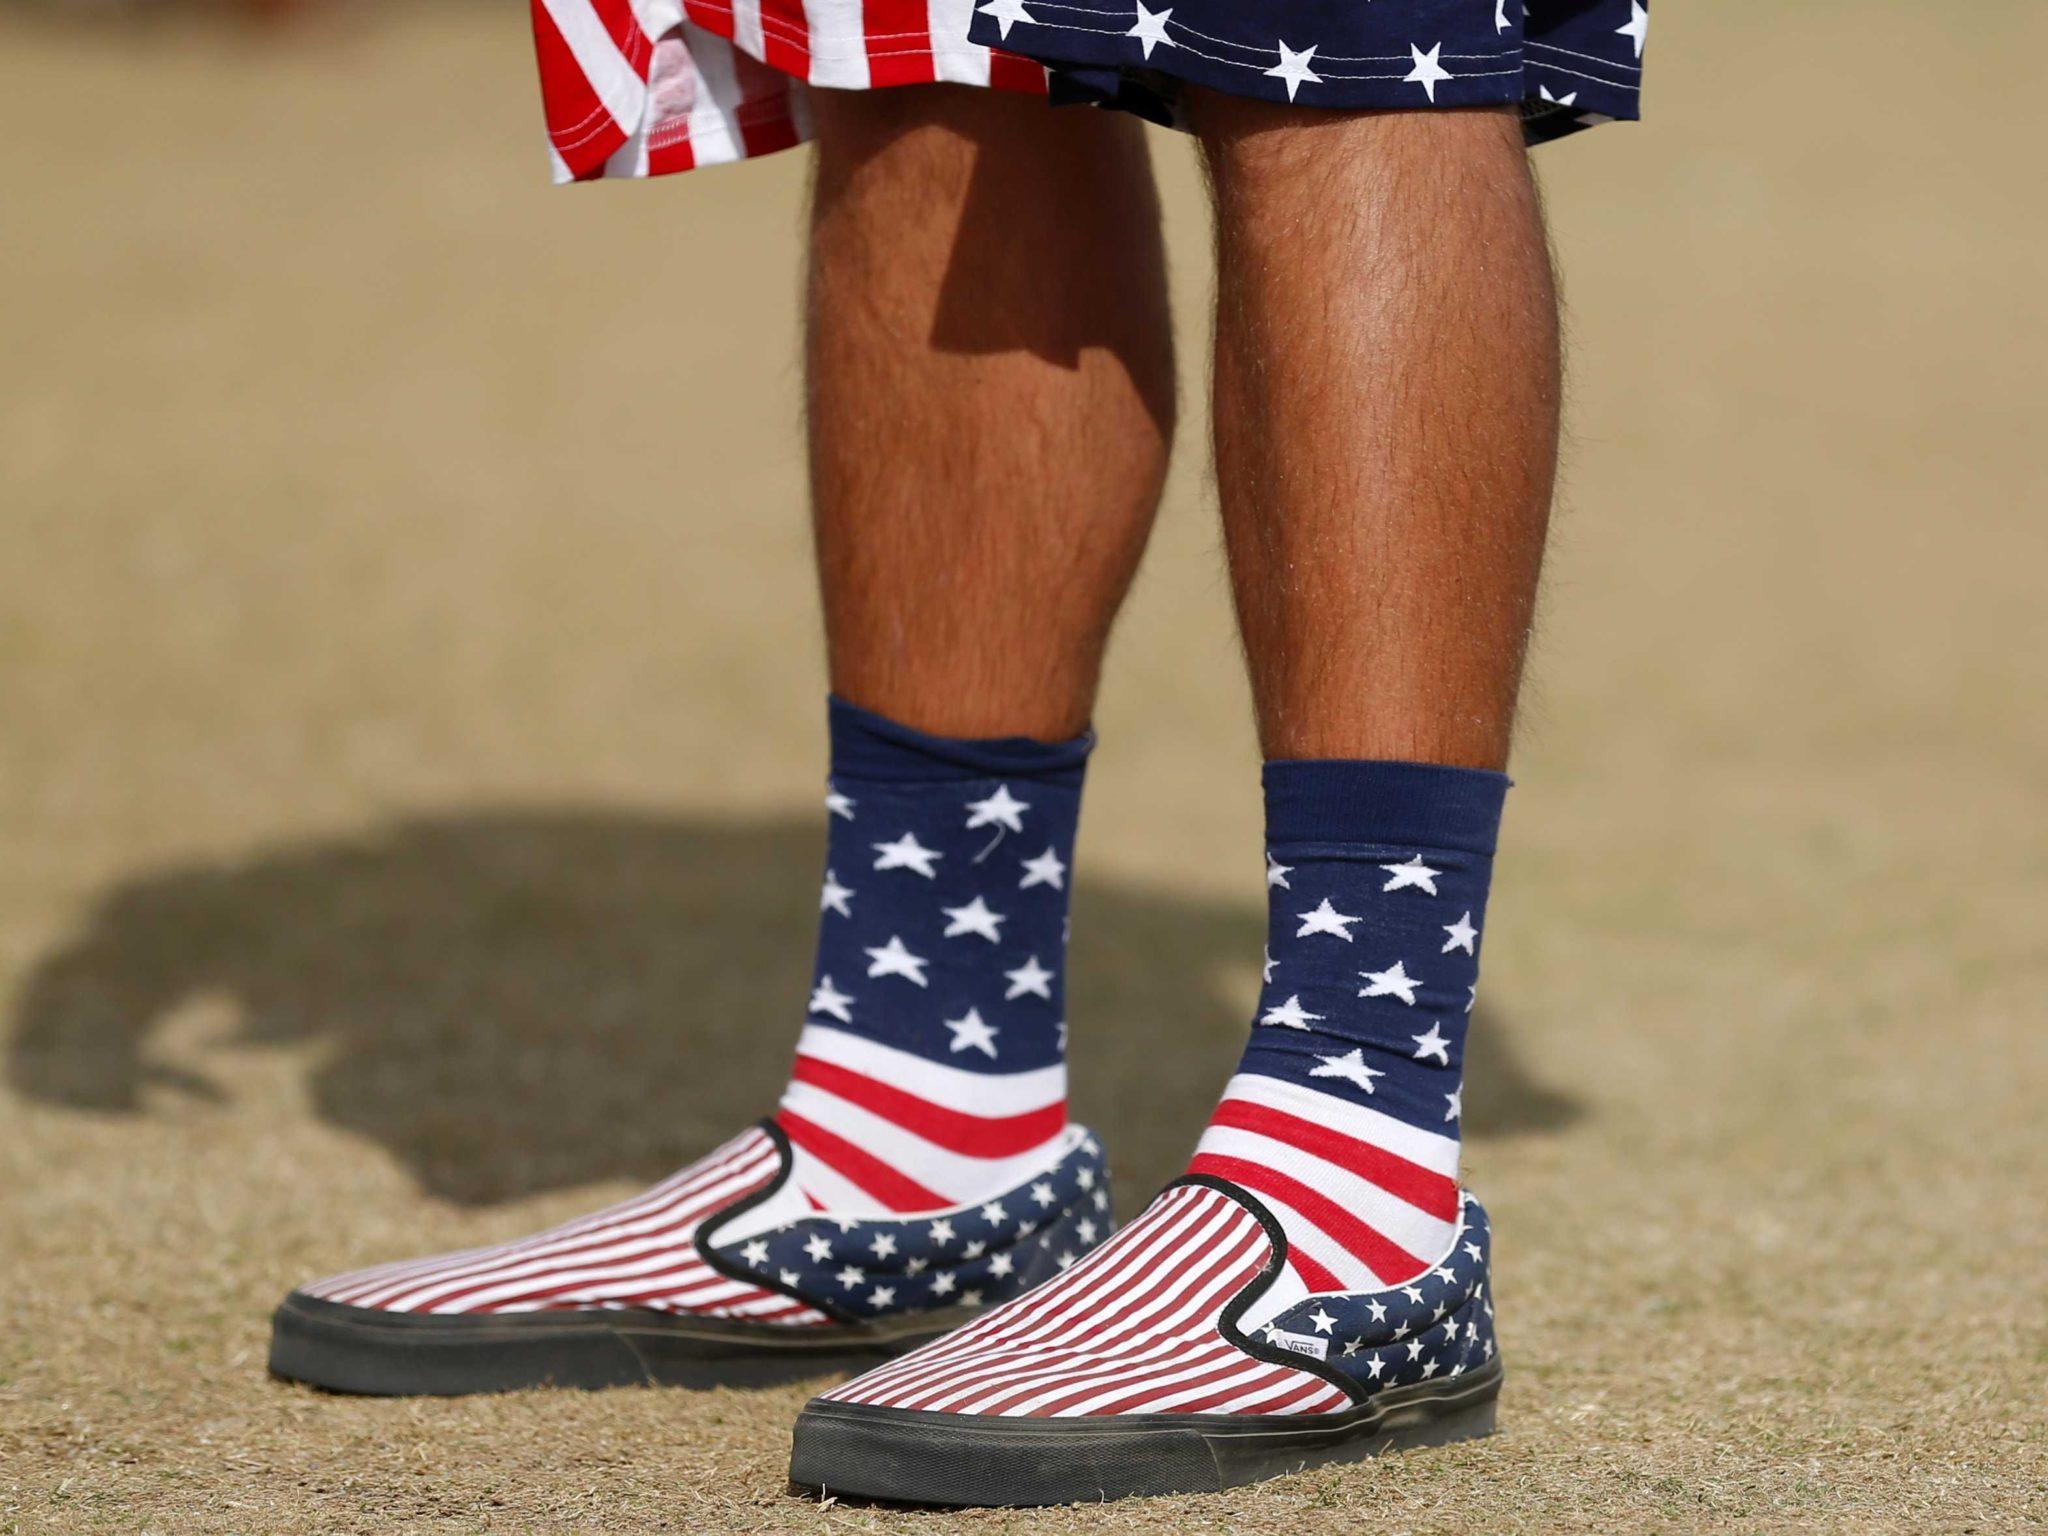 Këto gjëra nuk i kuptojnë të huajt në Amerikë…